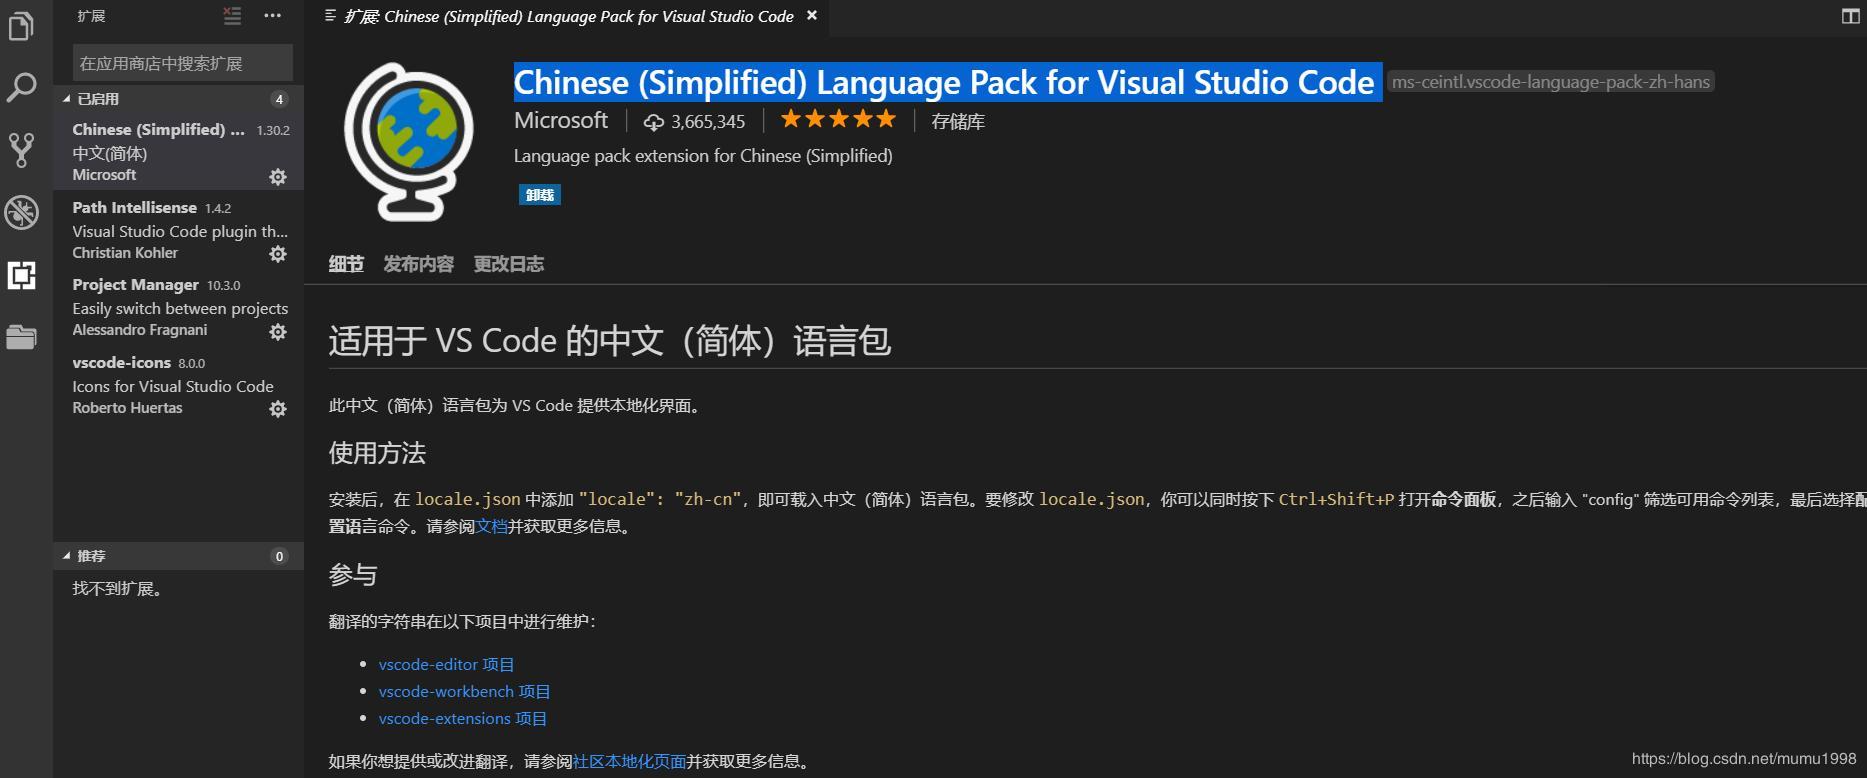 VS code 英文怎么設置成中文 - 程序員大本營